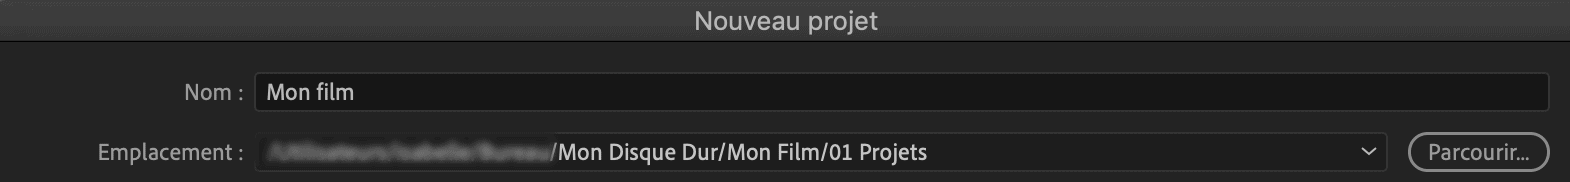 Comment faire une vidéo ? créer un projet dans le logiciel de montage